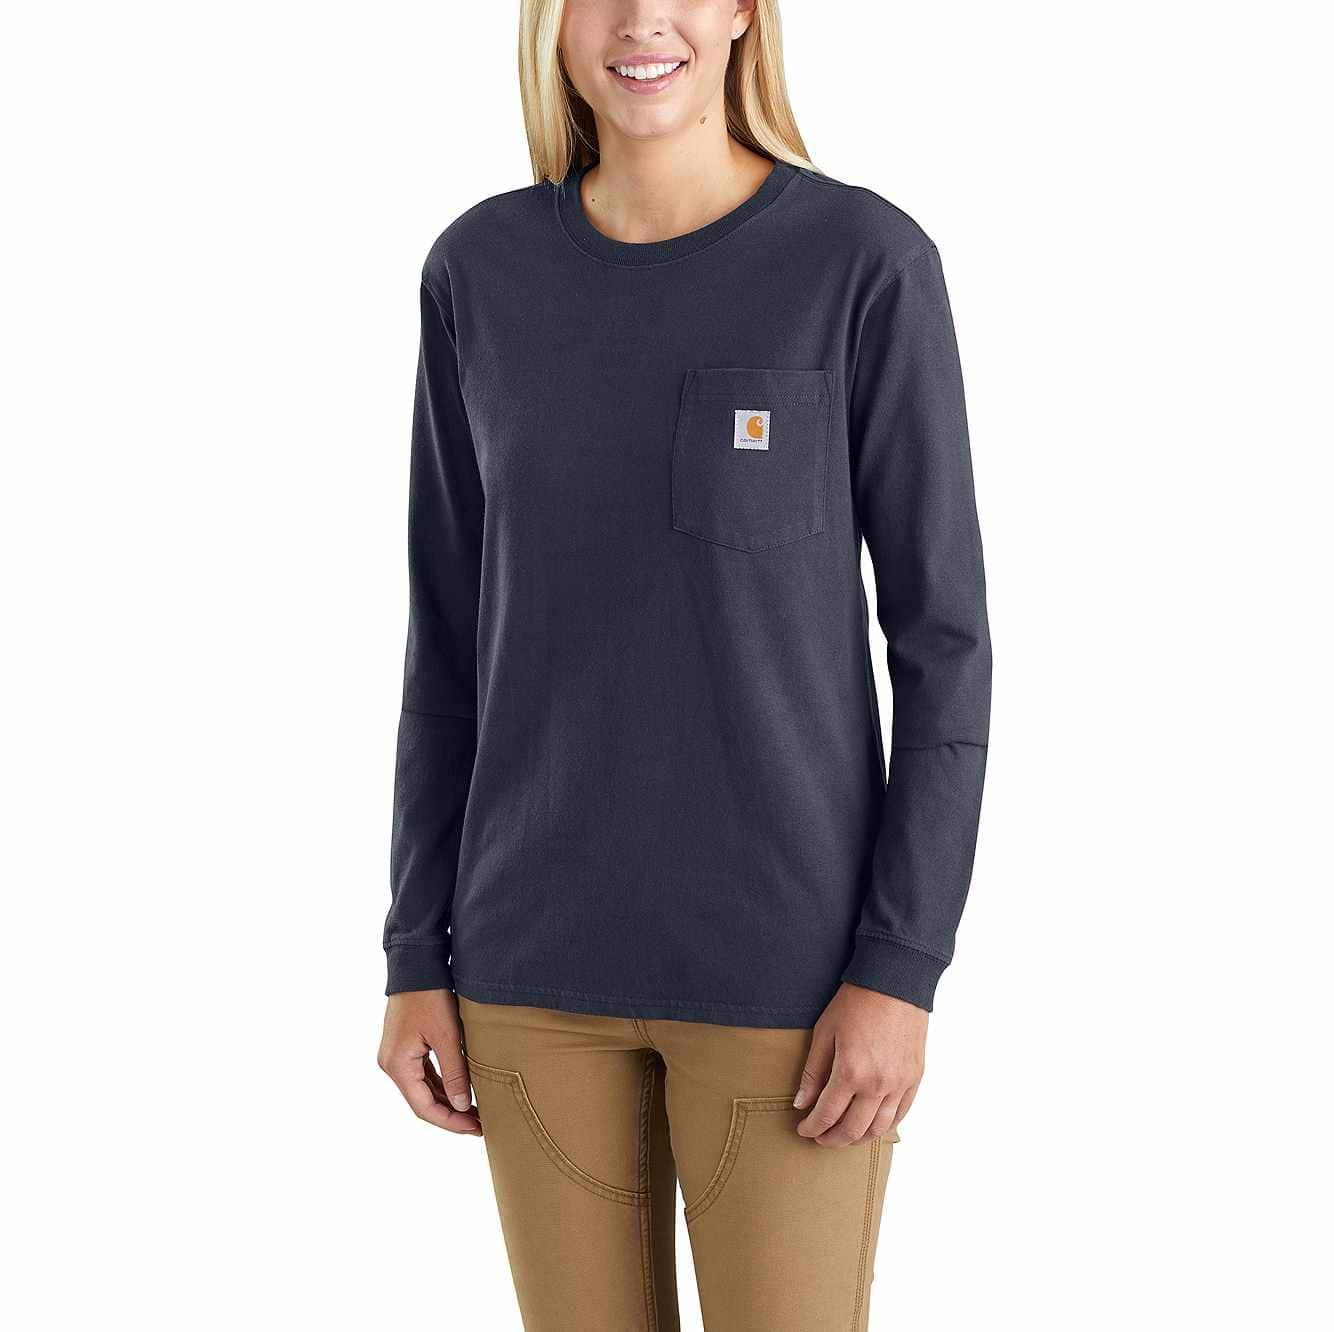 b0e53093d Women's WK126 Workwear Pocket Long-Sleeve T-Shirt 103244 | Carhartt